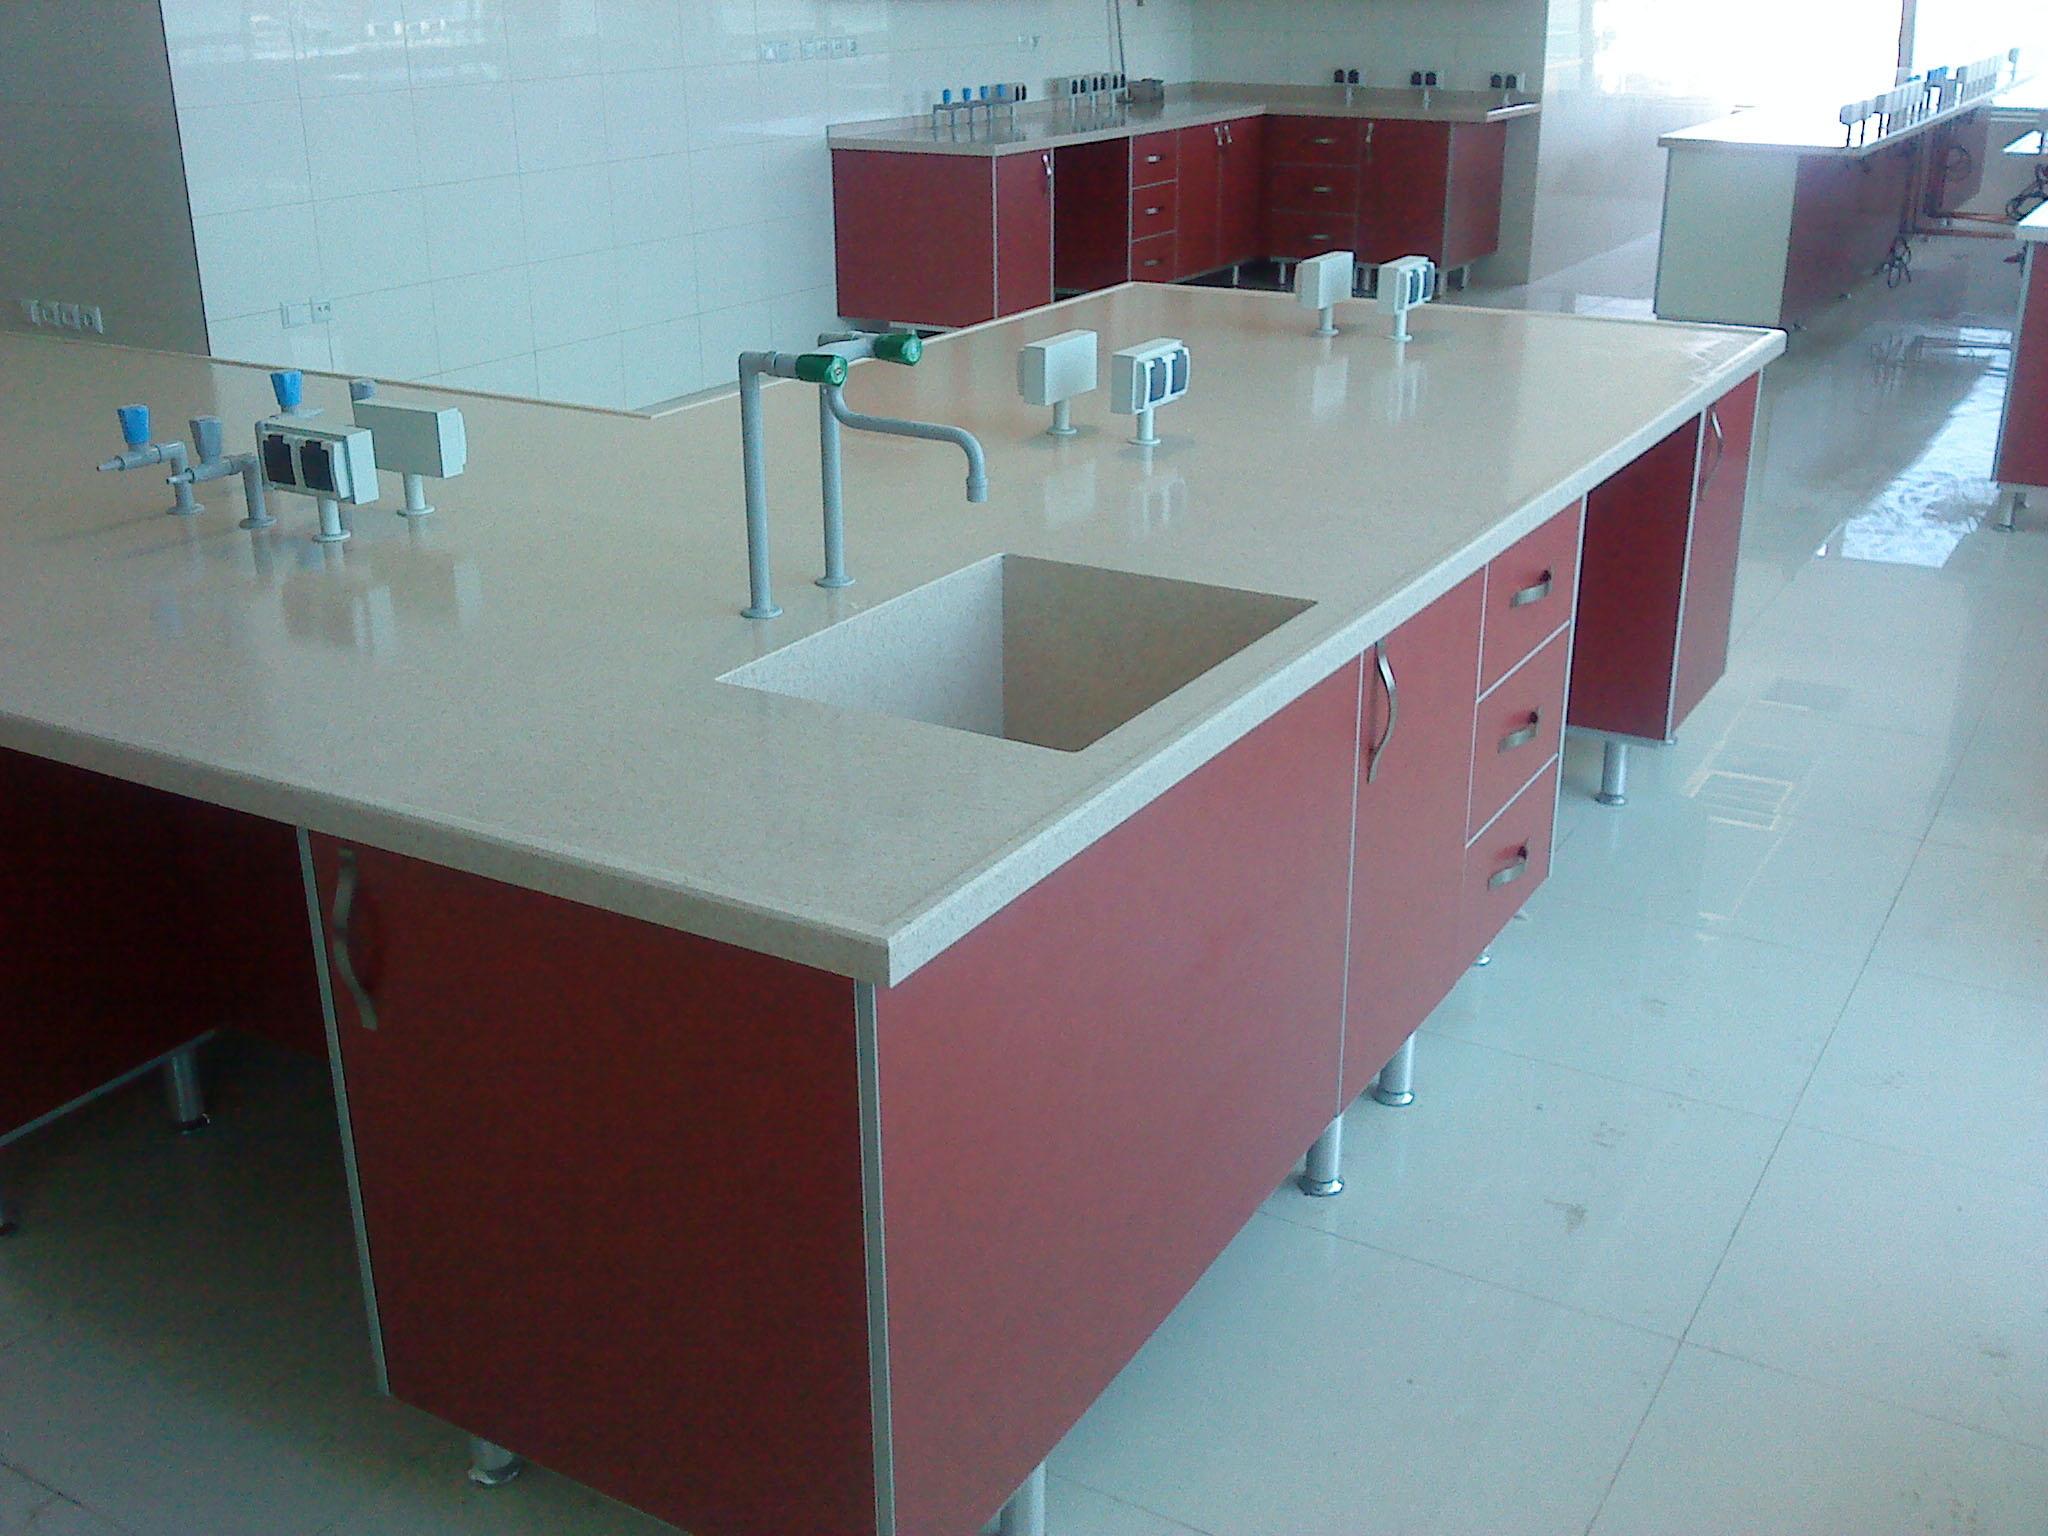 سکوبندی آزمایشگاه بدون فریم